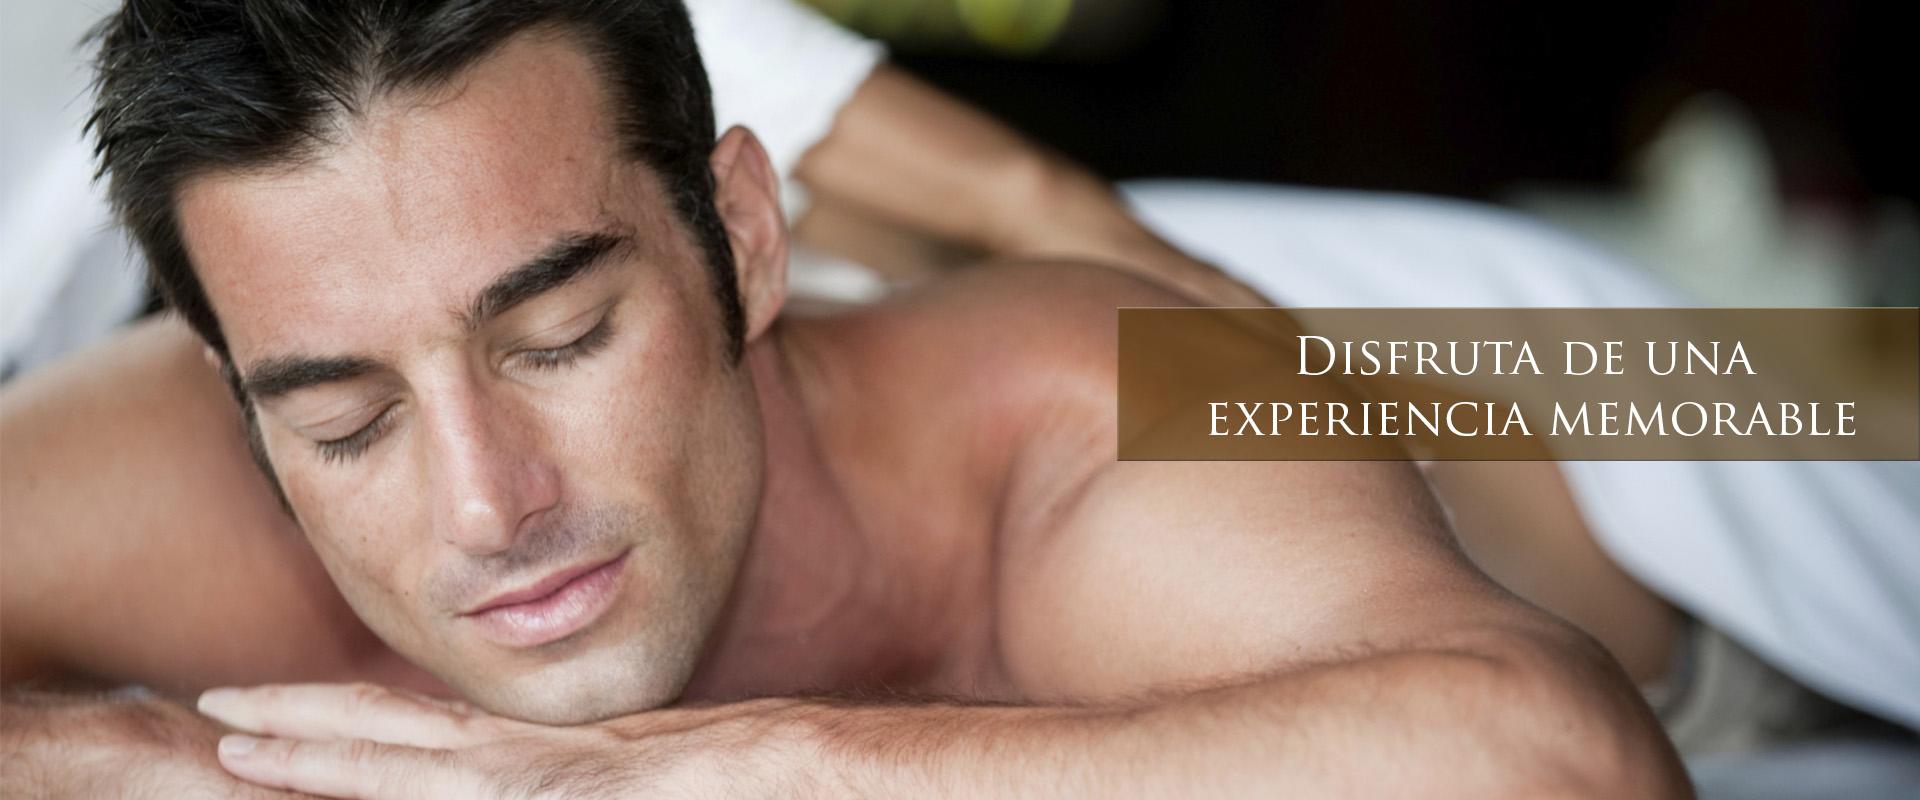 masajes placenteros para hombres foxgay com